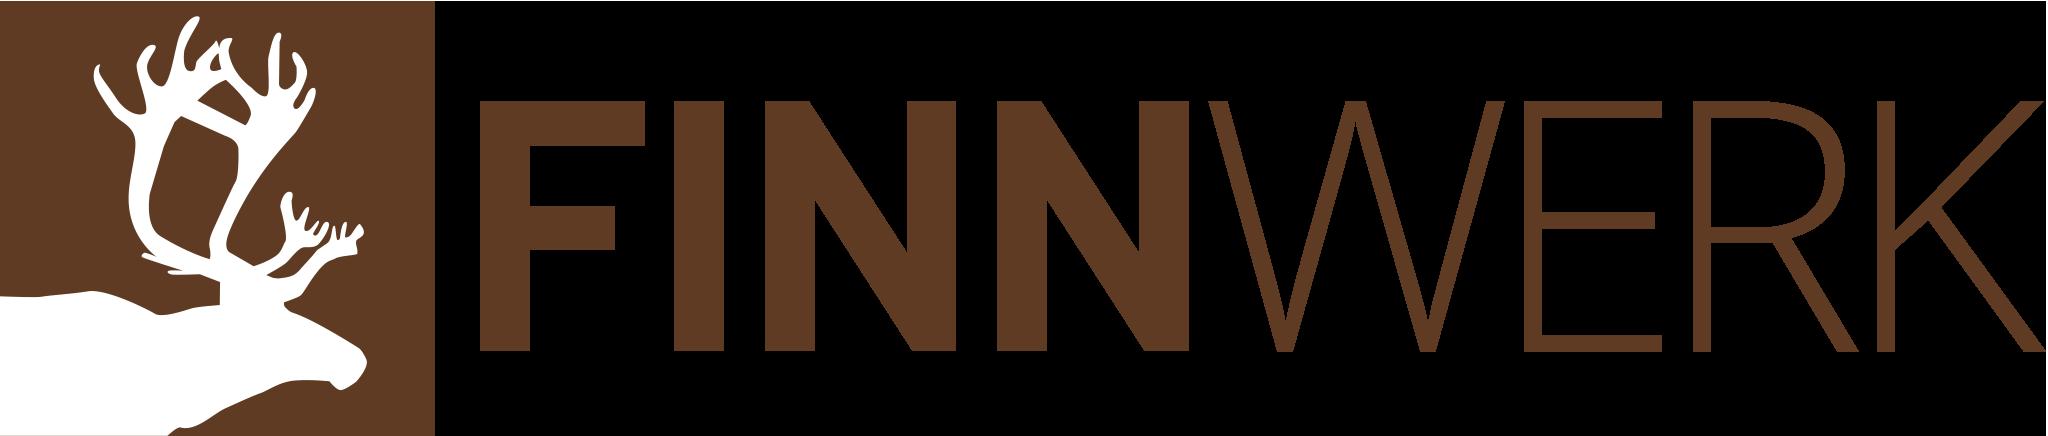 Original Finnwerk Brand Logo